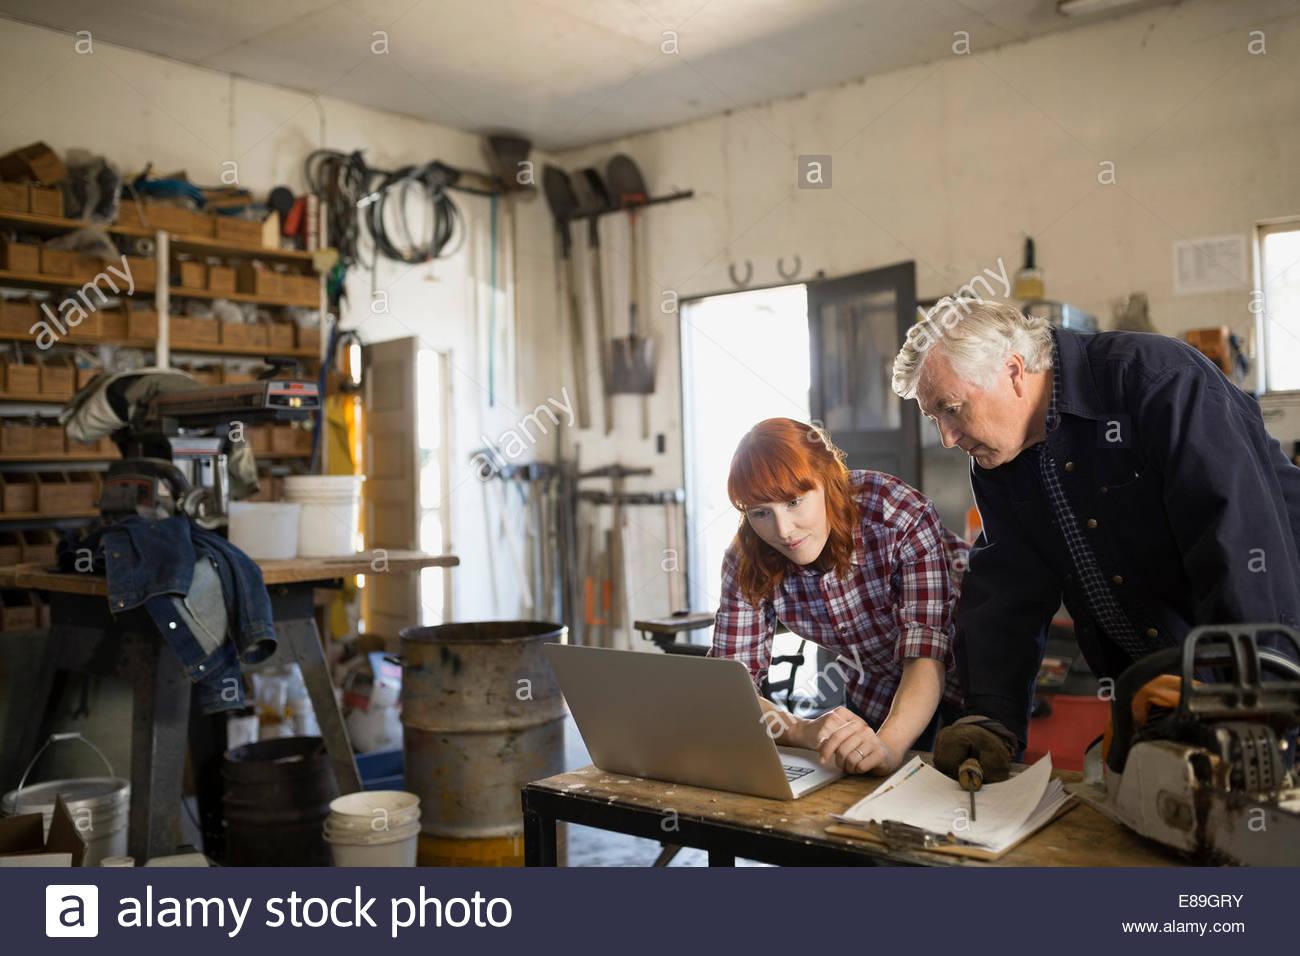 Vater und Tochter arbeiten am Laptop in Werkstatt Stockbild